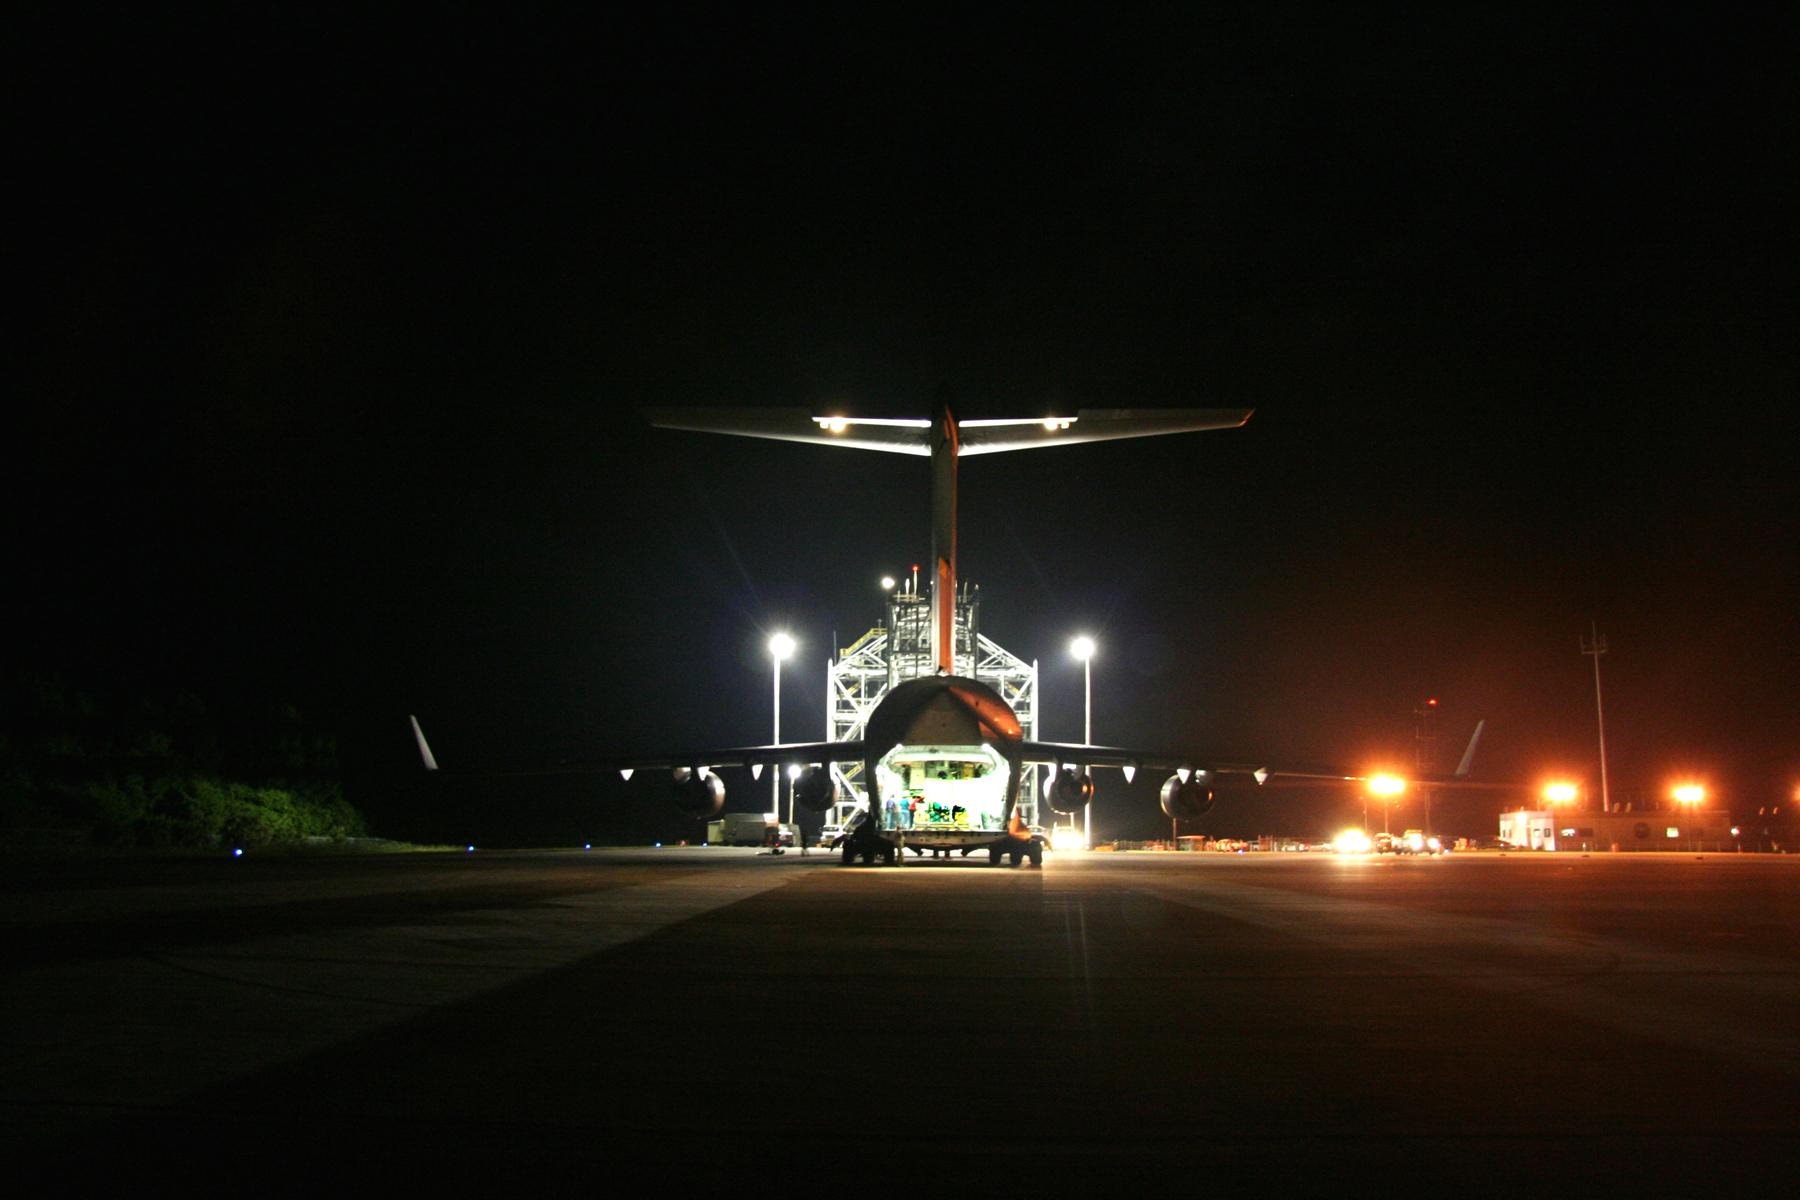 طائرة القوات الجوية C-17 تقوم بحمل المركبة الفضائية إلى منشأة هبوط المكوك الفضائي في مركز كينيدي للفضاء في فلوريدا. حقوق الصورة: NASA/Johns Hopkins University Applied Physics Laboratory/Southwest Research Institute